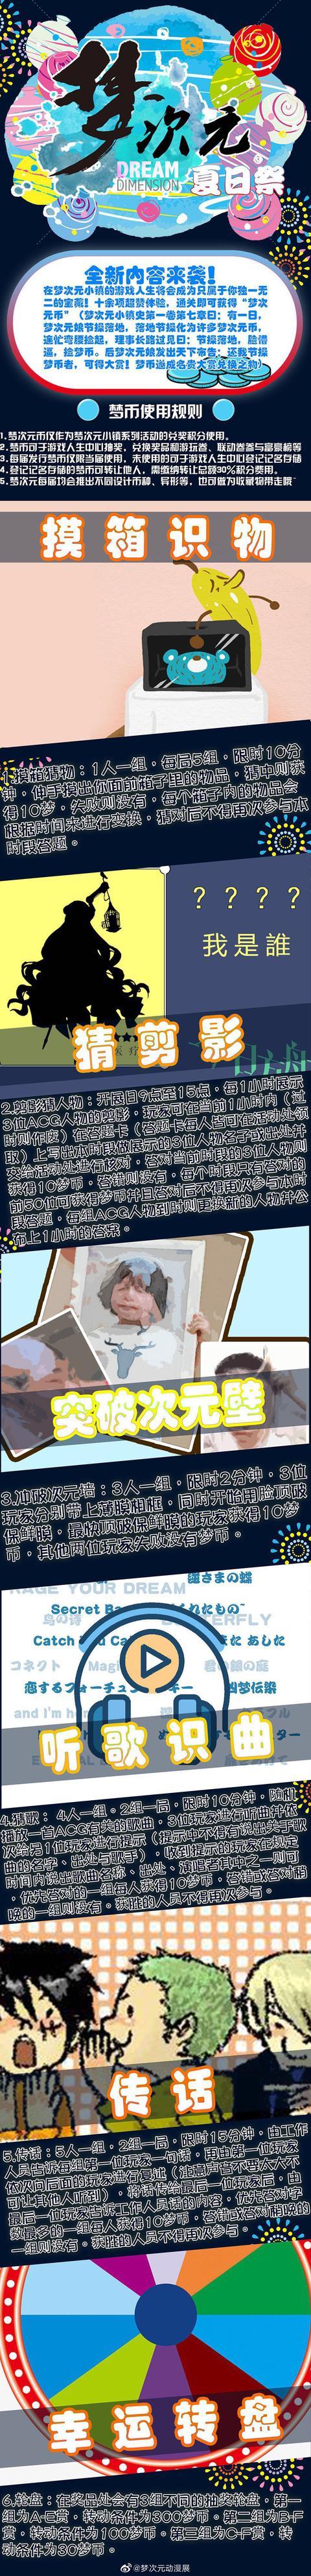 2019年8月10日M22梦次元夏日祭动漫游戏展-纸片人老婆等着你